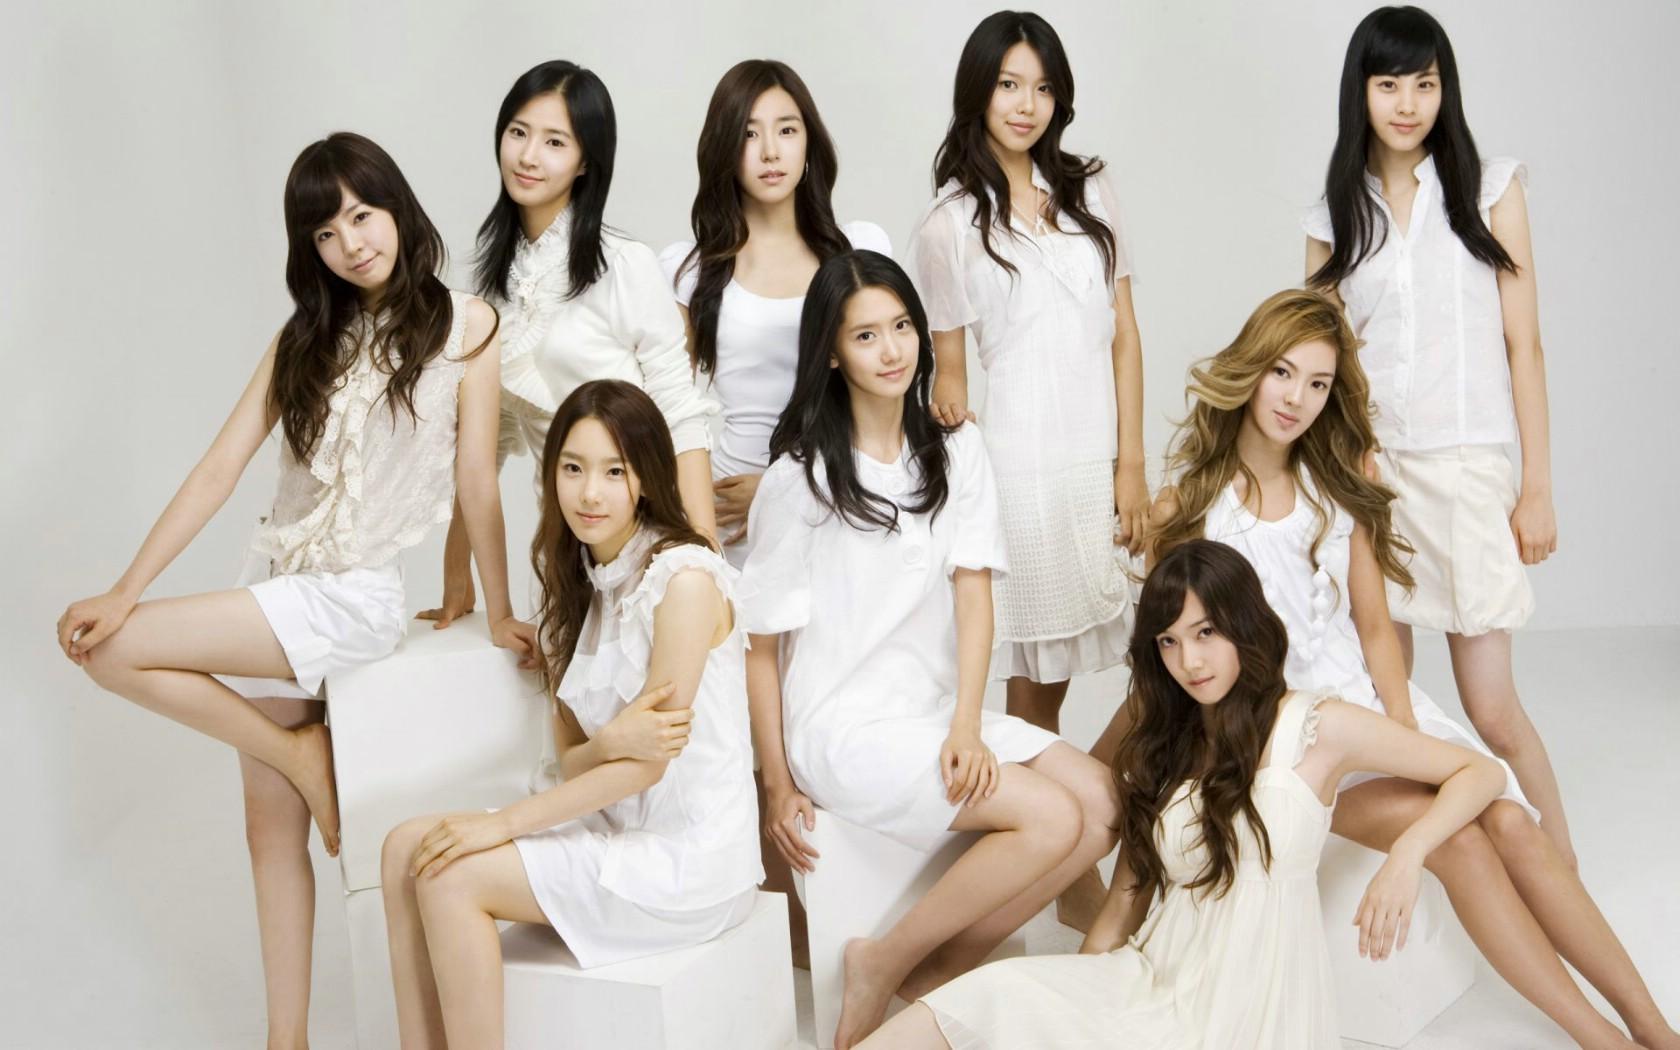 韩国美女组壁纸图片